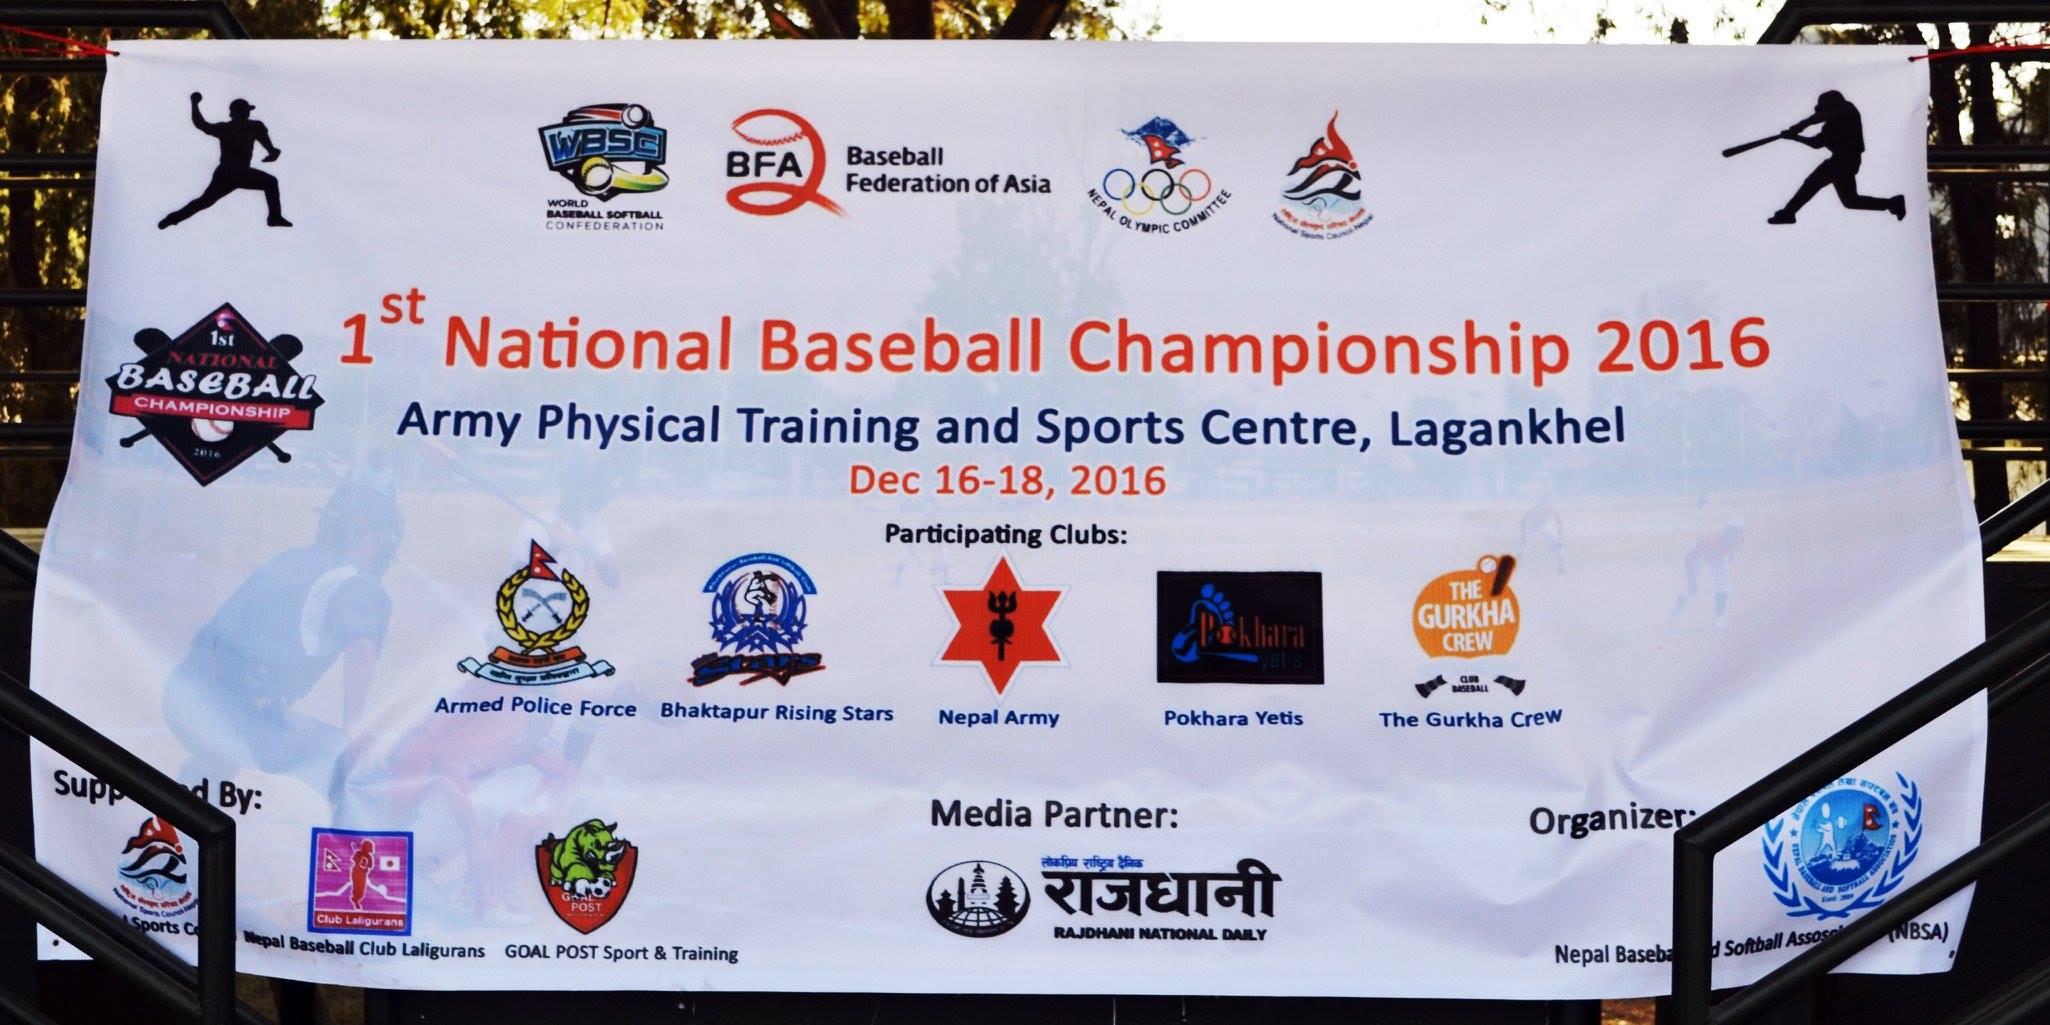 Inaugural Nepal Baseball Championship 2016 signage